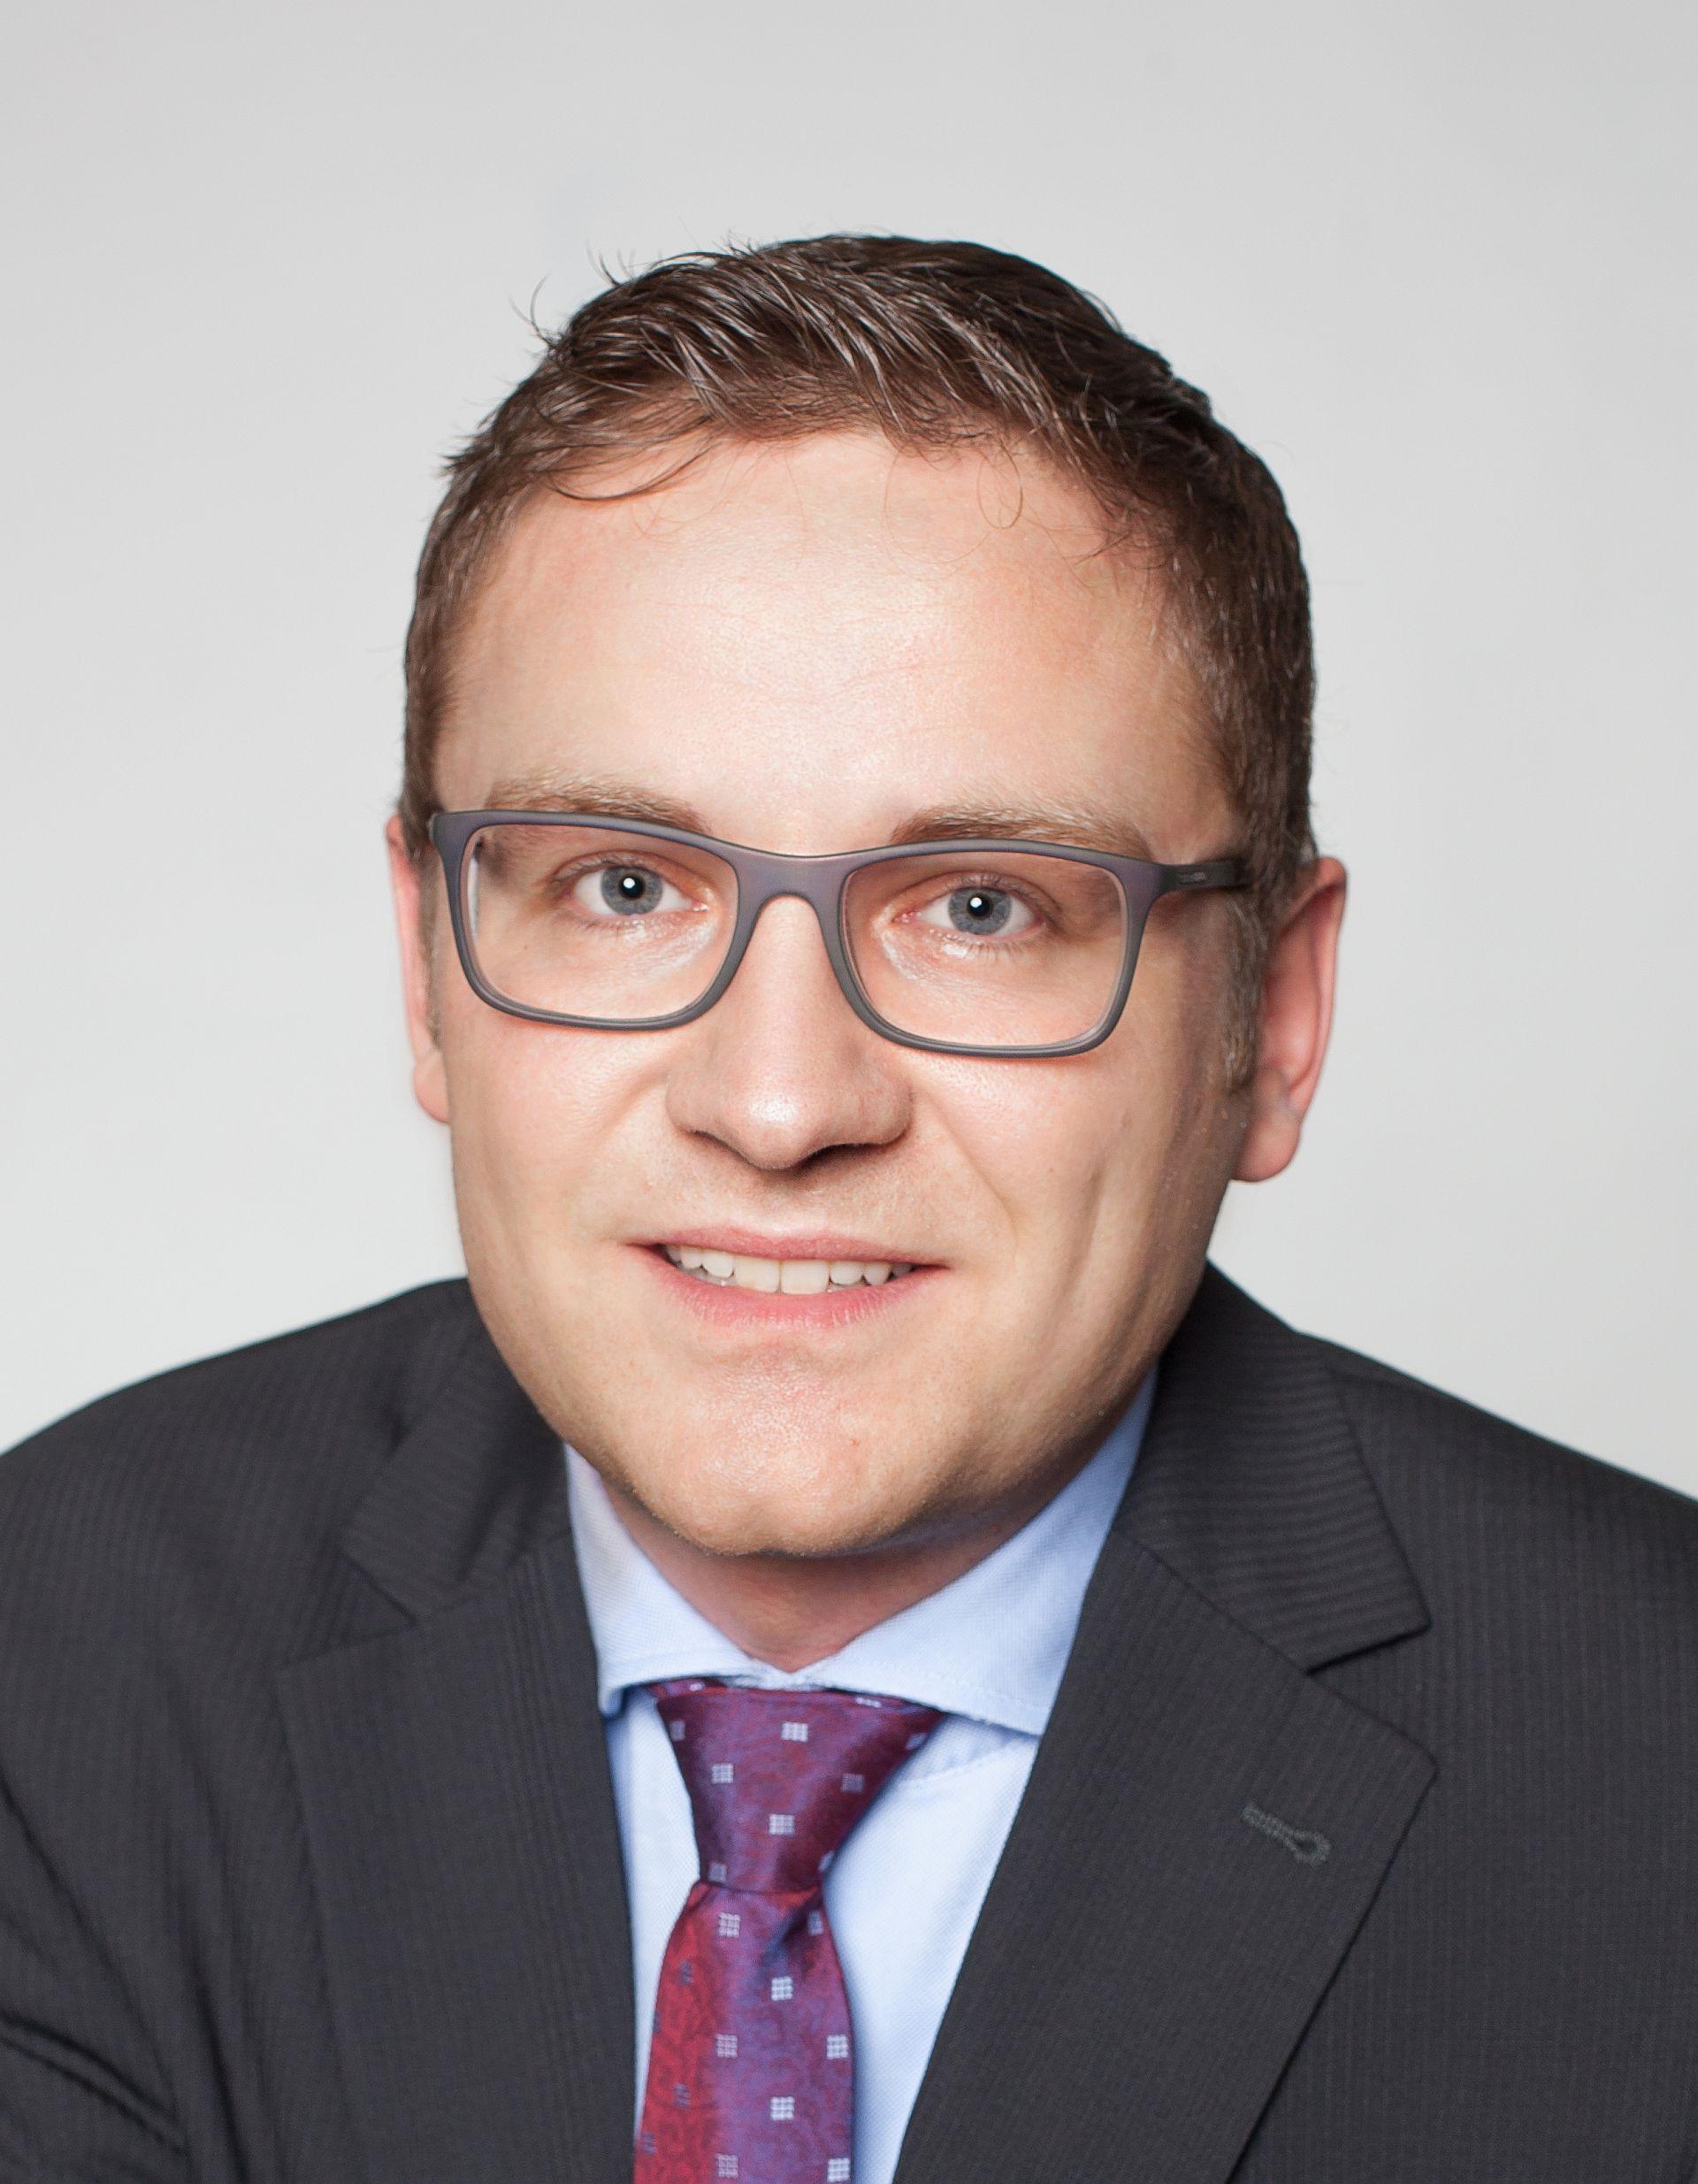 Florian Bohn ist neuer Gesch#xE4ftsf#xFChrer bei Wackler